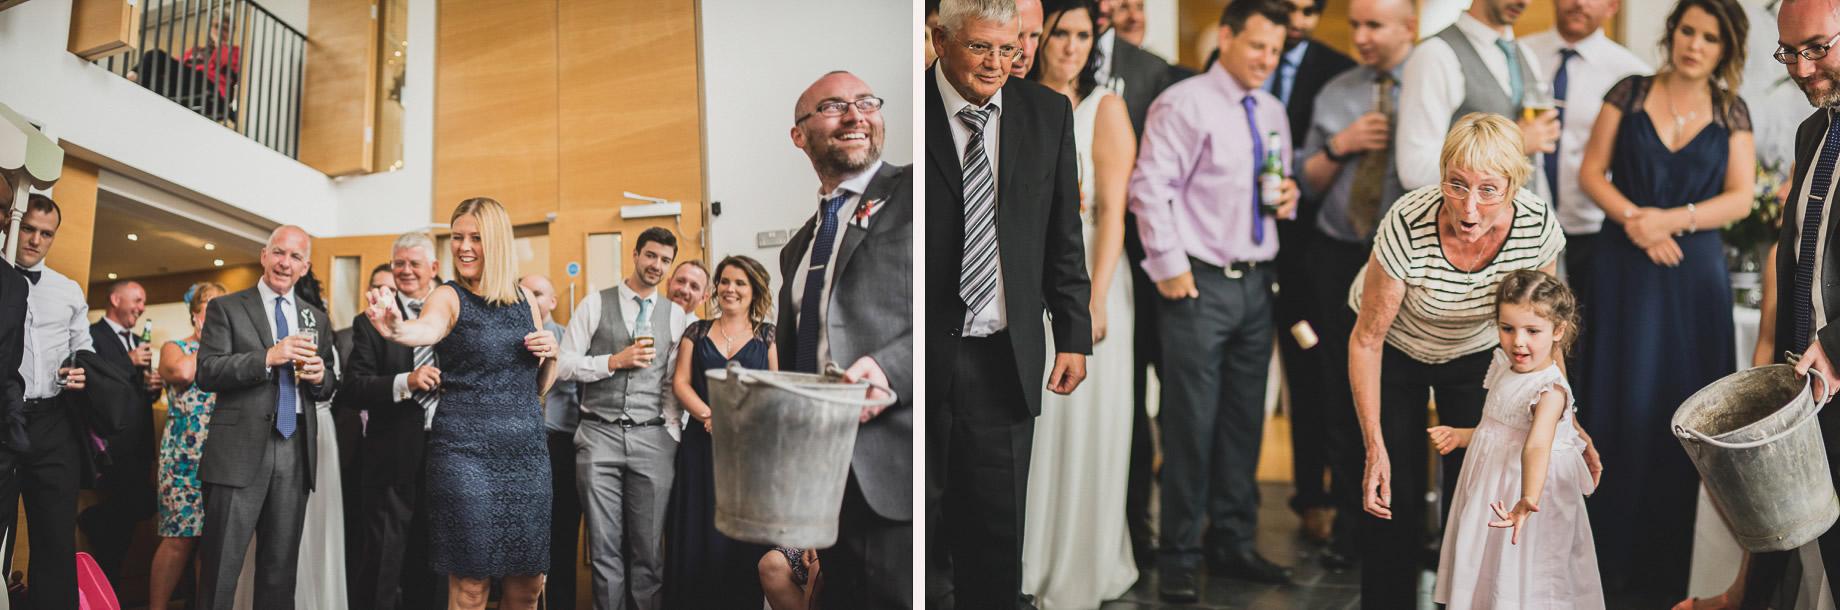 Becky and John's Wedding at Slaidburn Village Hall 186